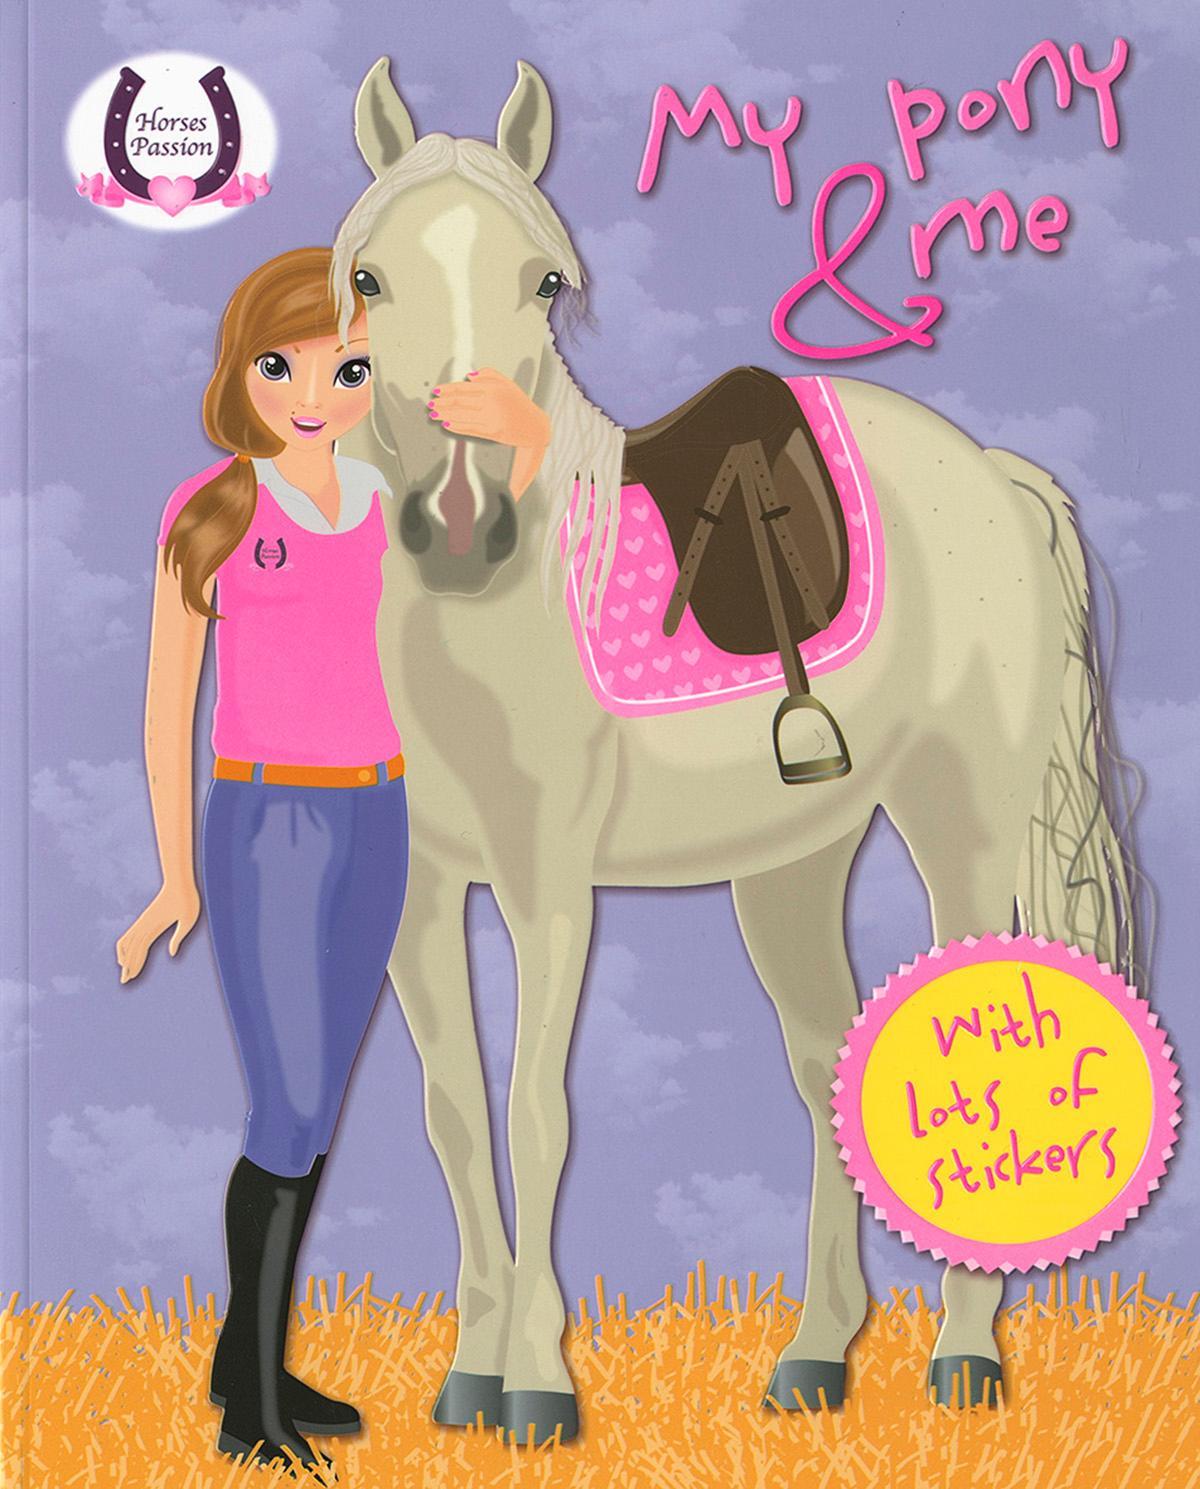 MY PONY & ME - HORSES PASSION (PURPLE)